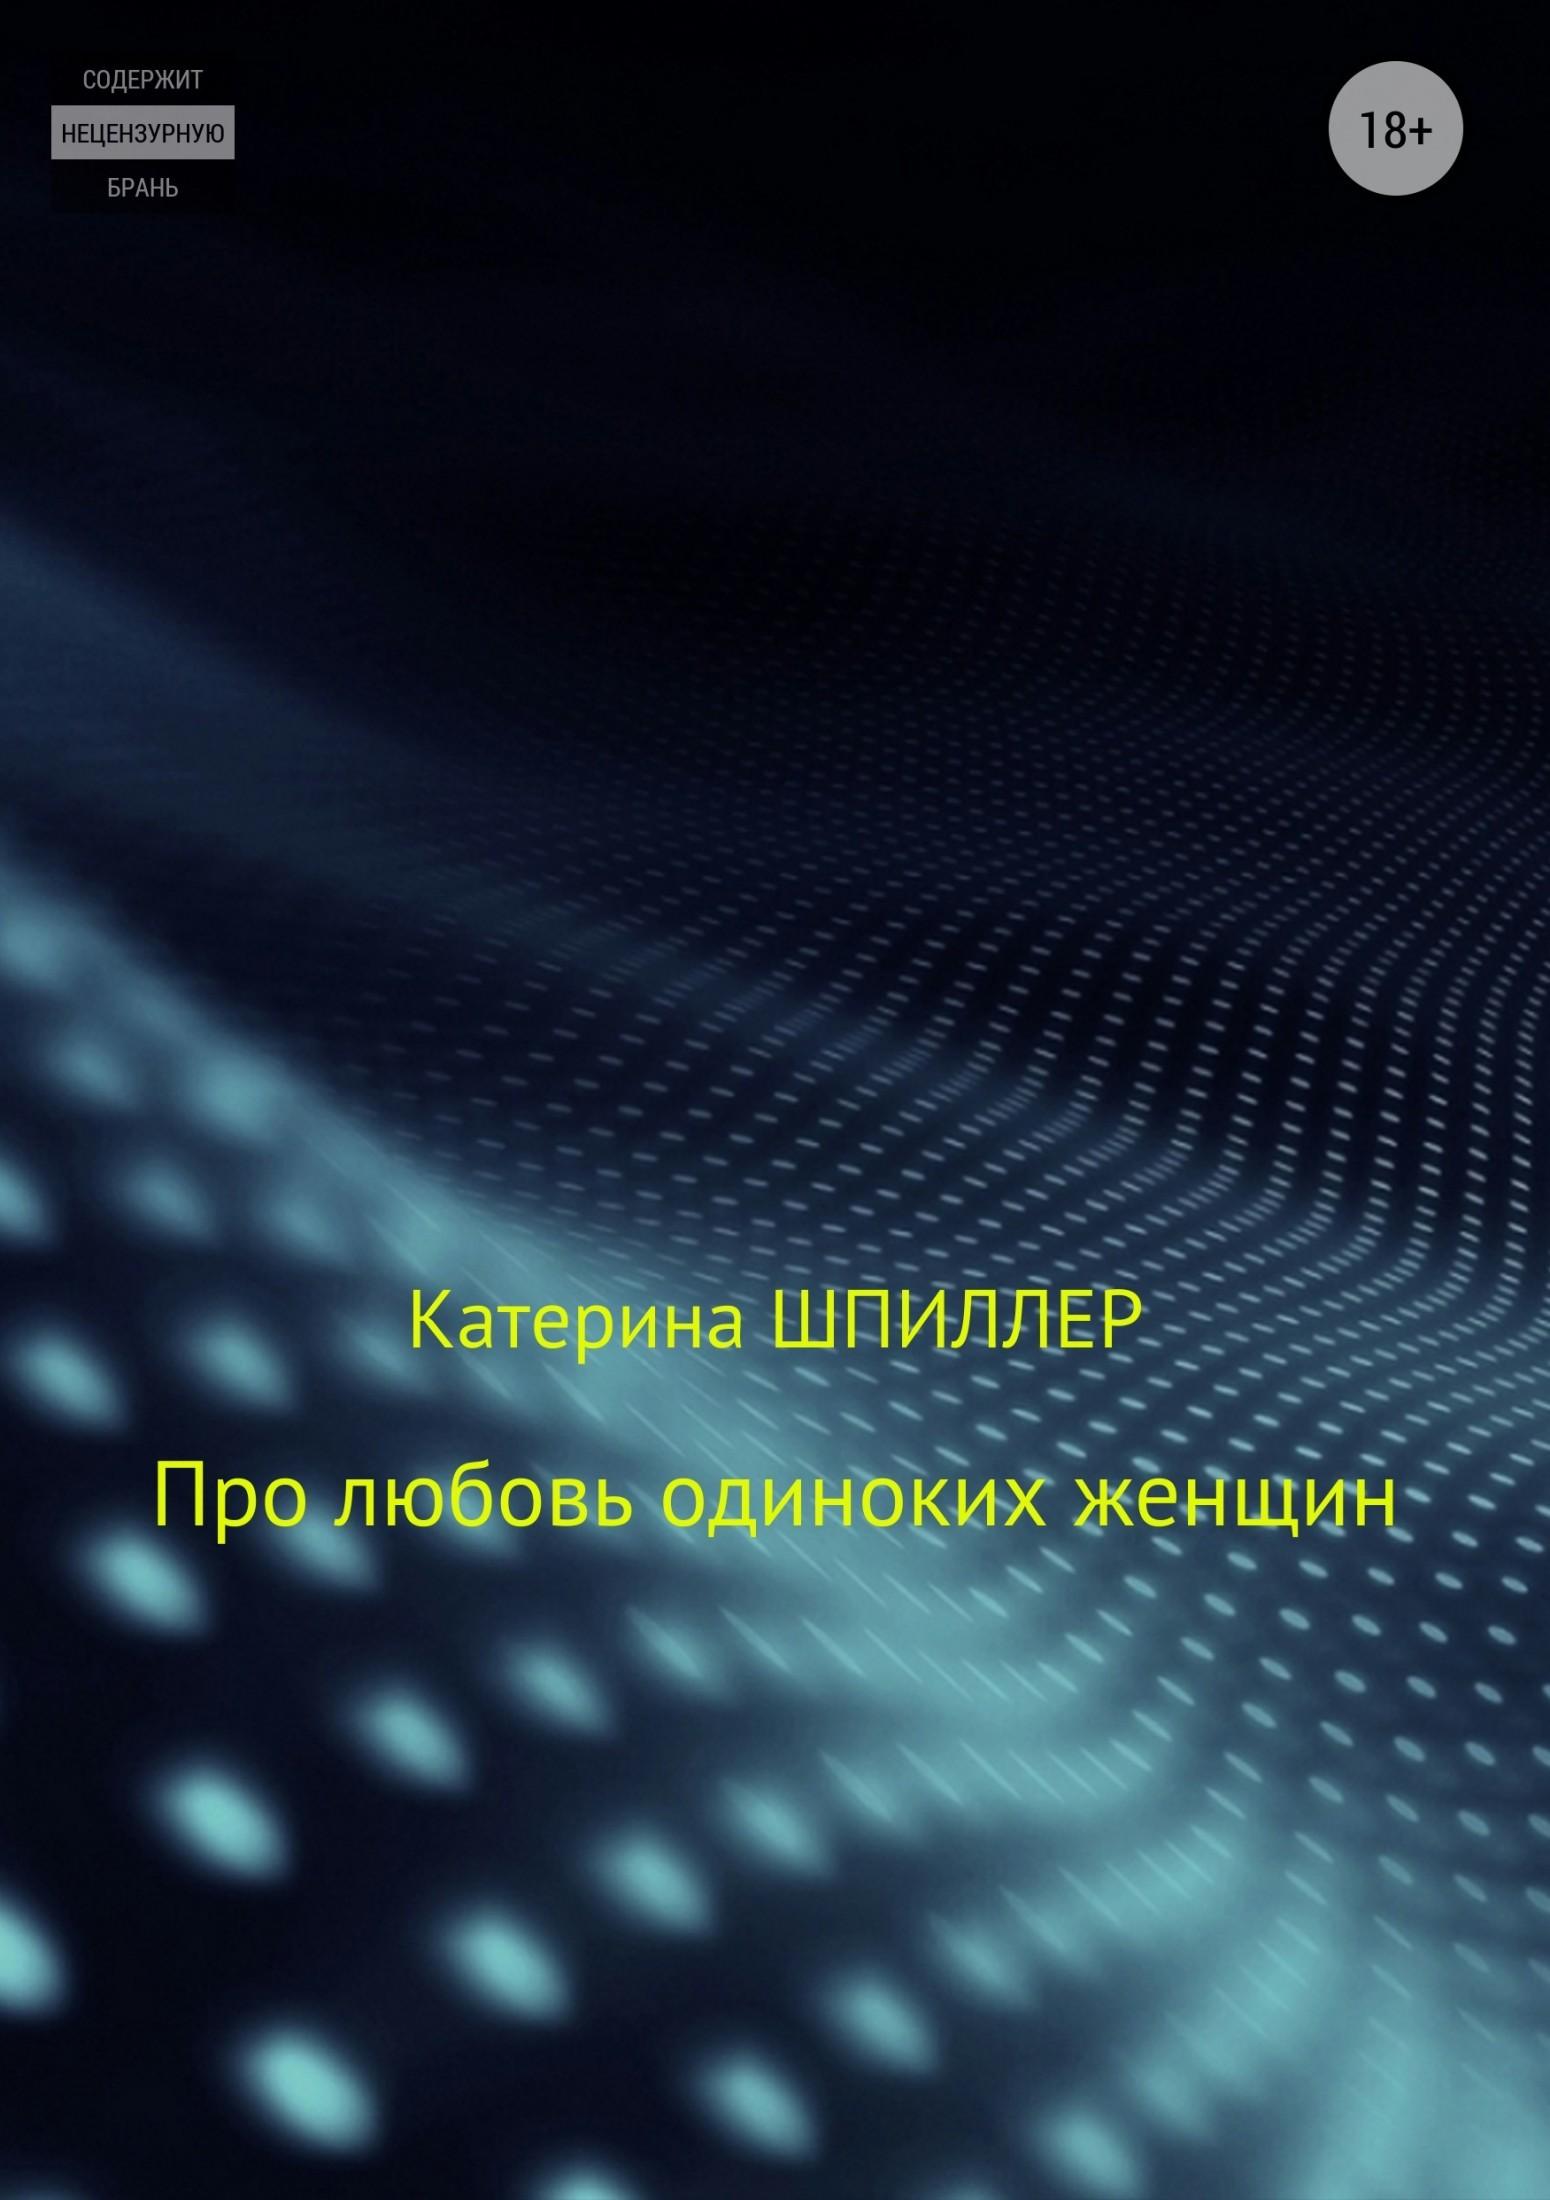 Про любовь одиноких женщин_Катерина Александровна Шпиллер